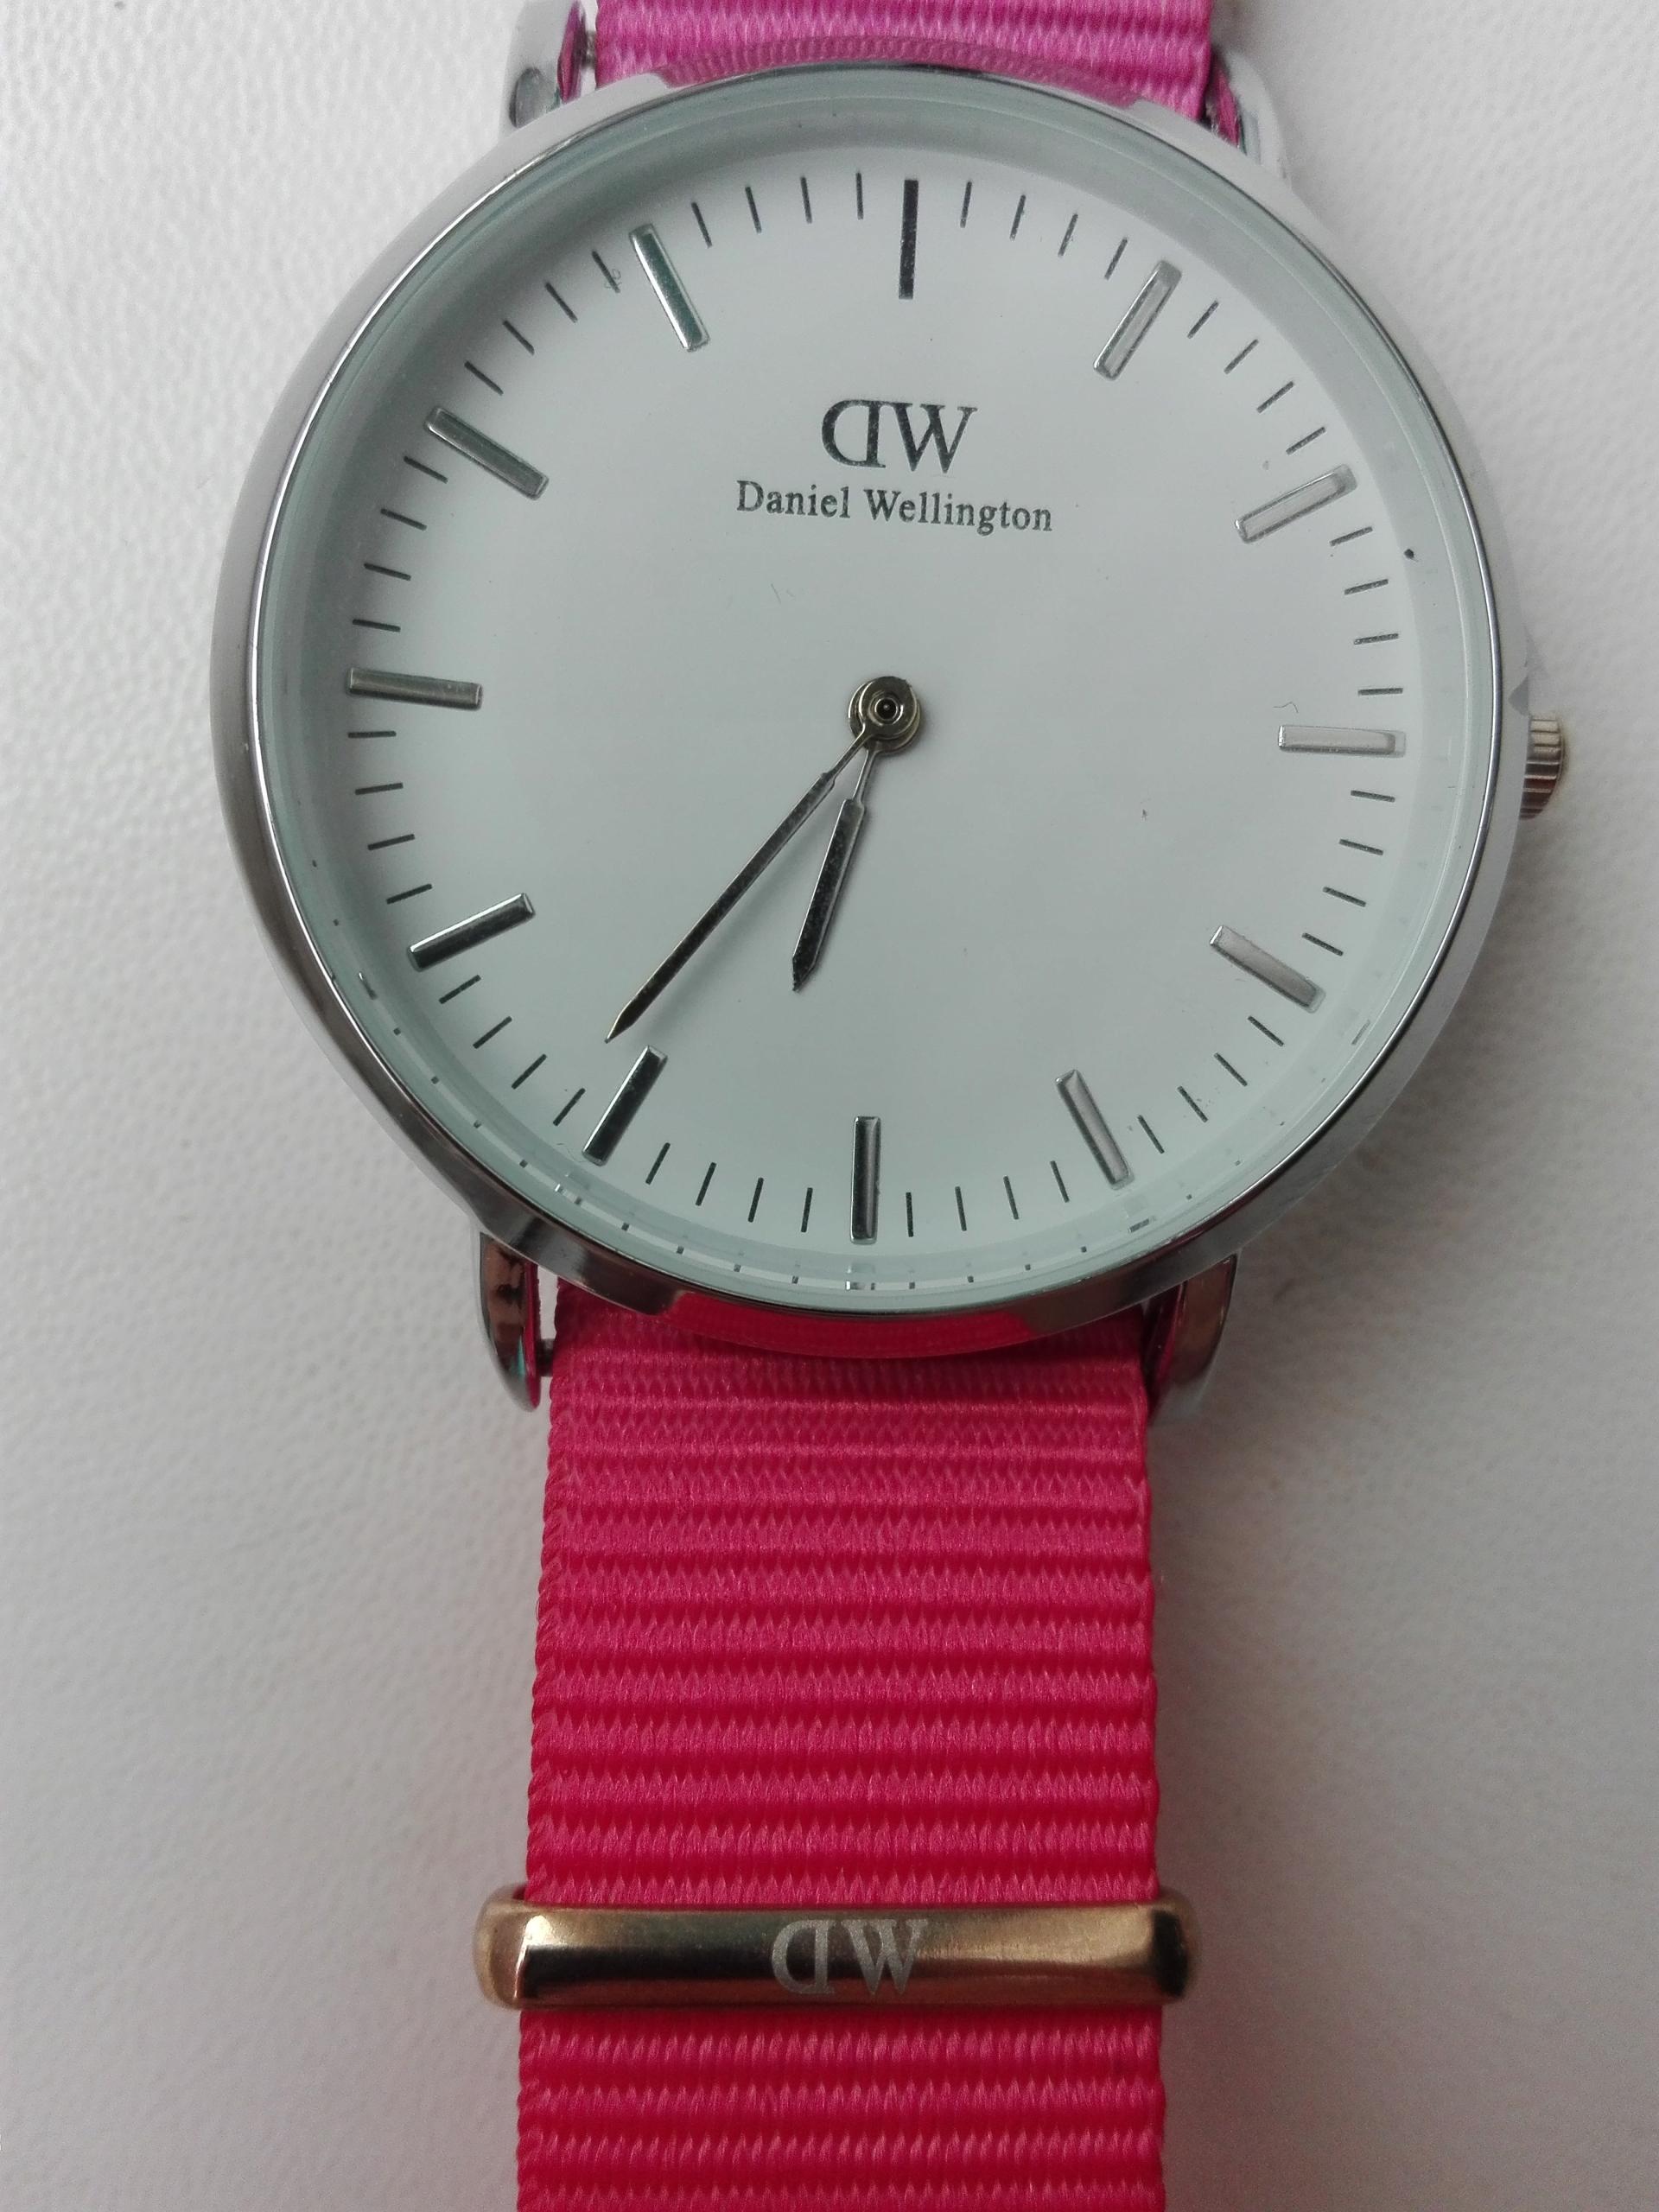 Zegarek damski DW Daniel Wellington